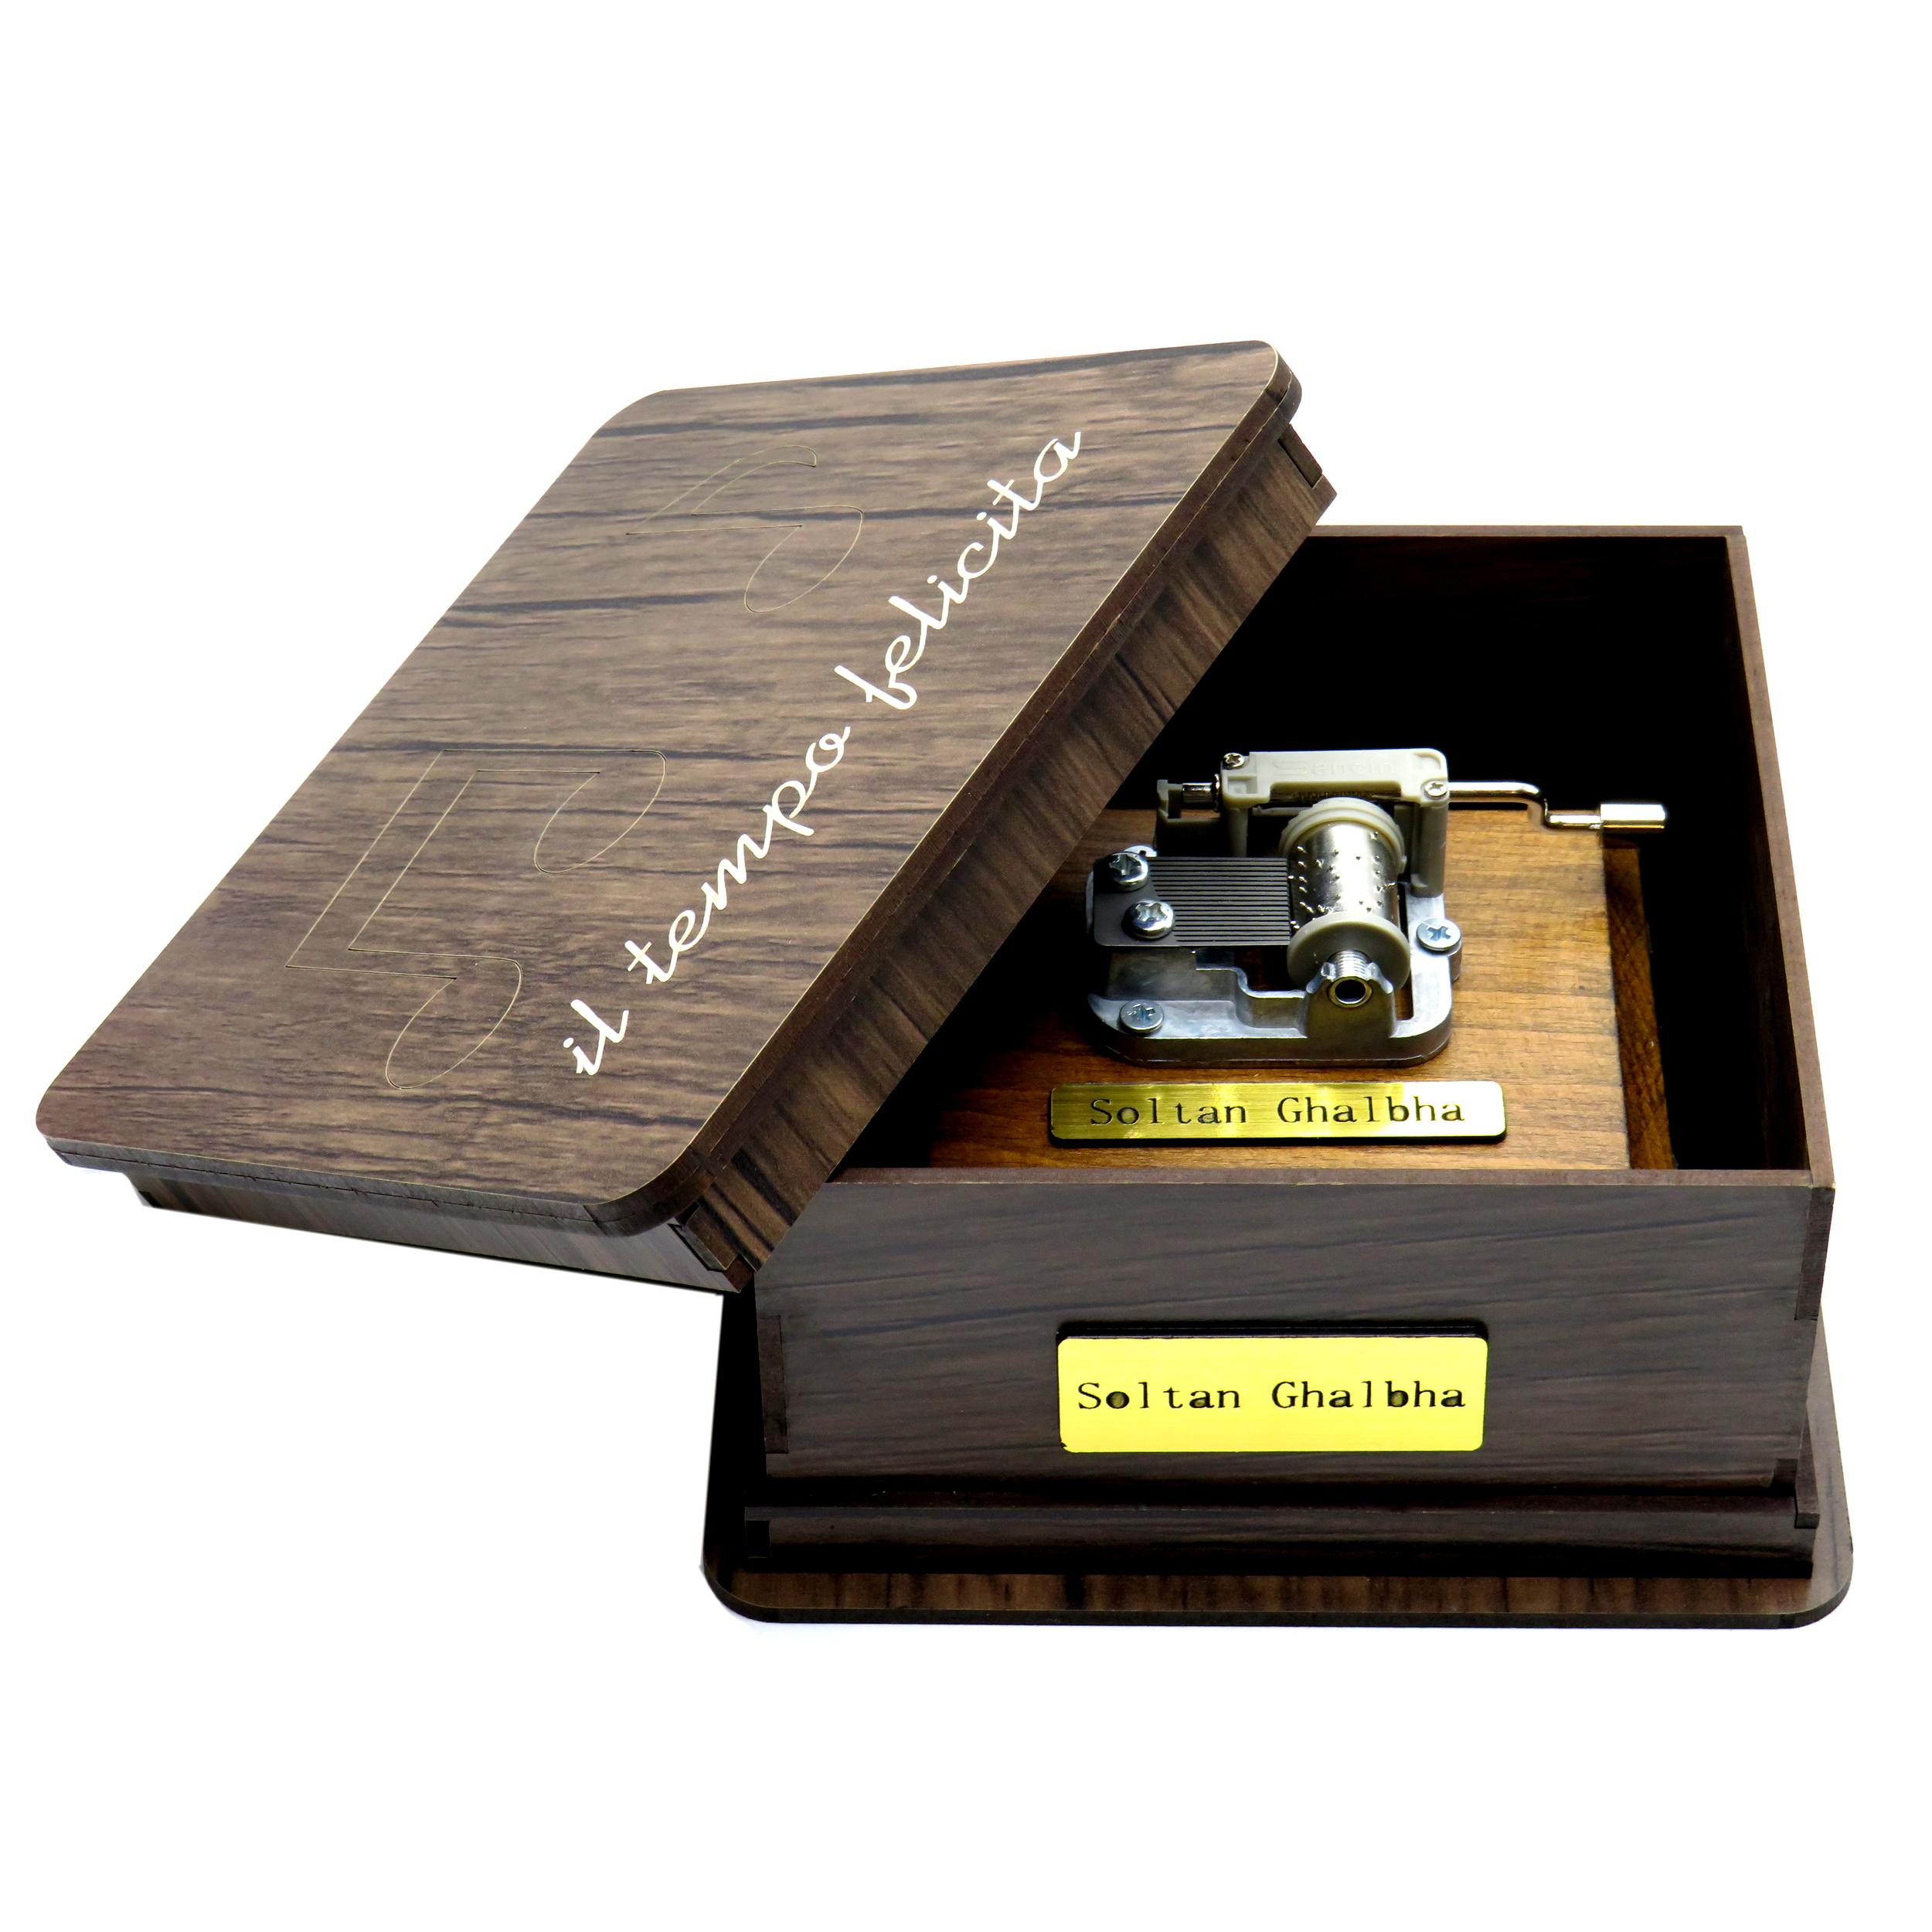 جعبه موزیکال ایل تمپو فلیچیتا مدل SGH-700